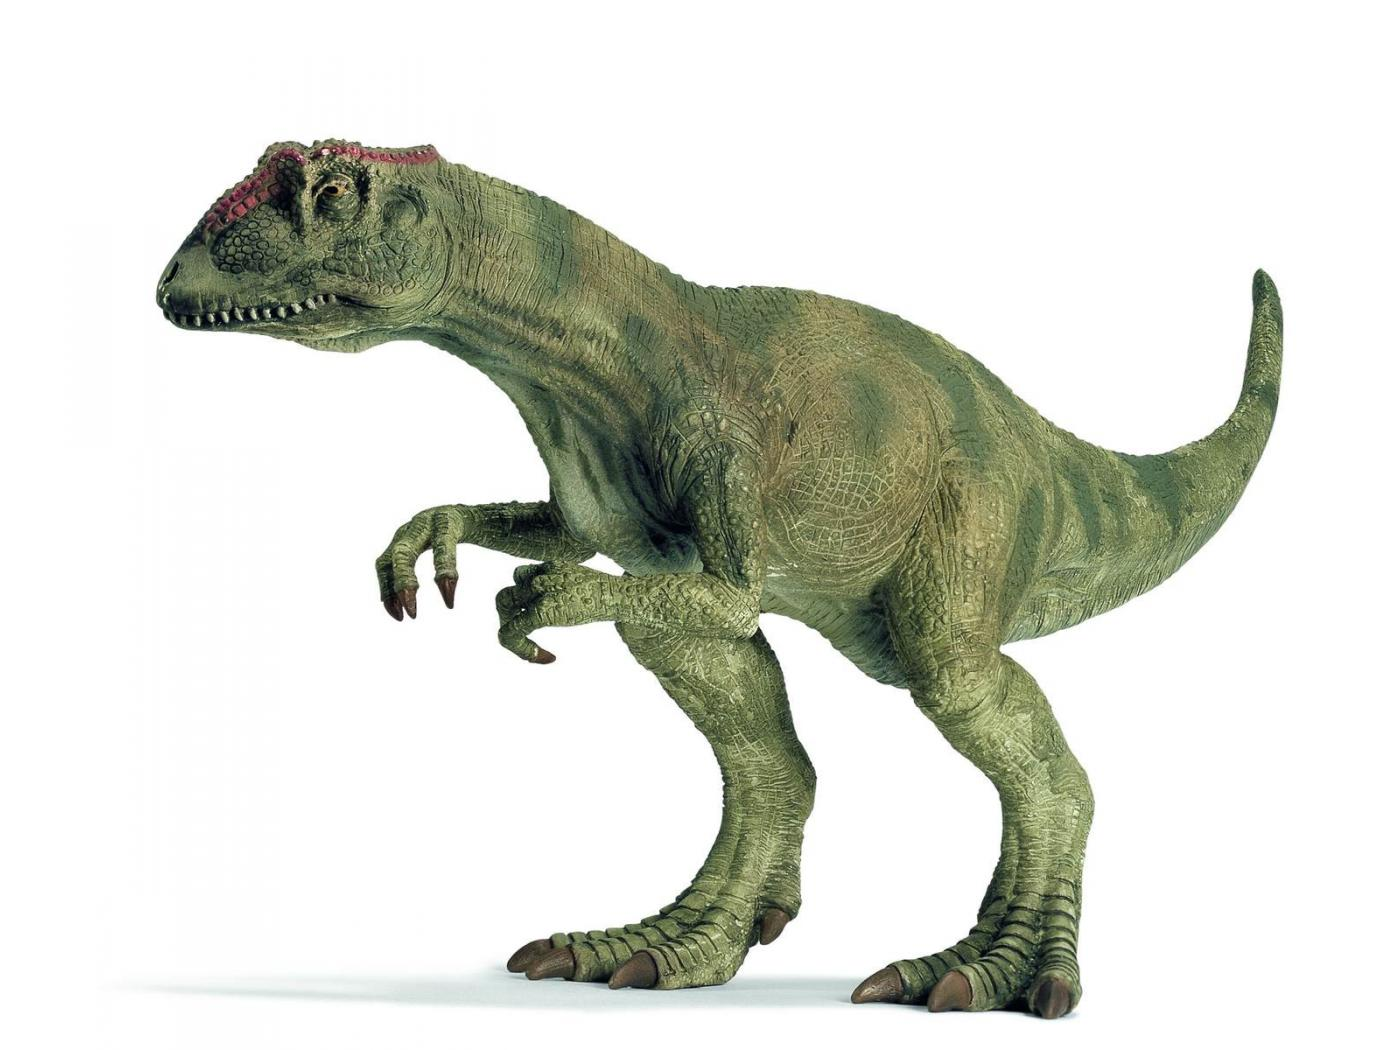 Schleich allosaure 27 cm x 9 5 cm x 12 5 cm - Liste des dinosaures carnivores ...